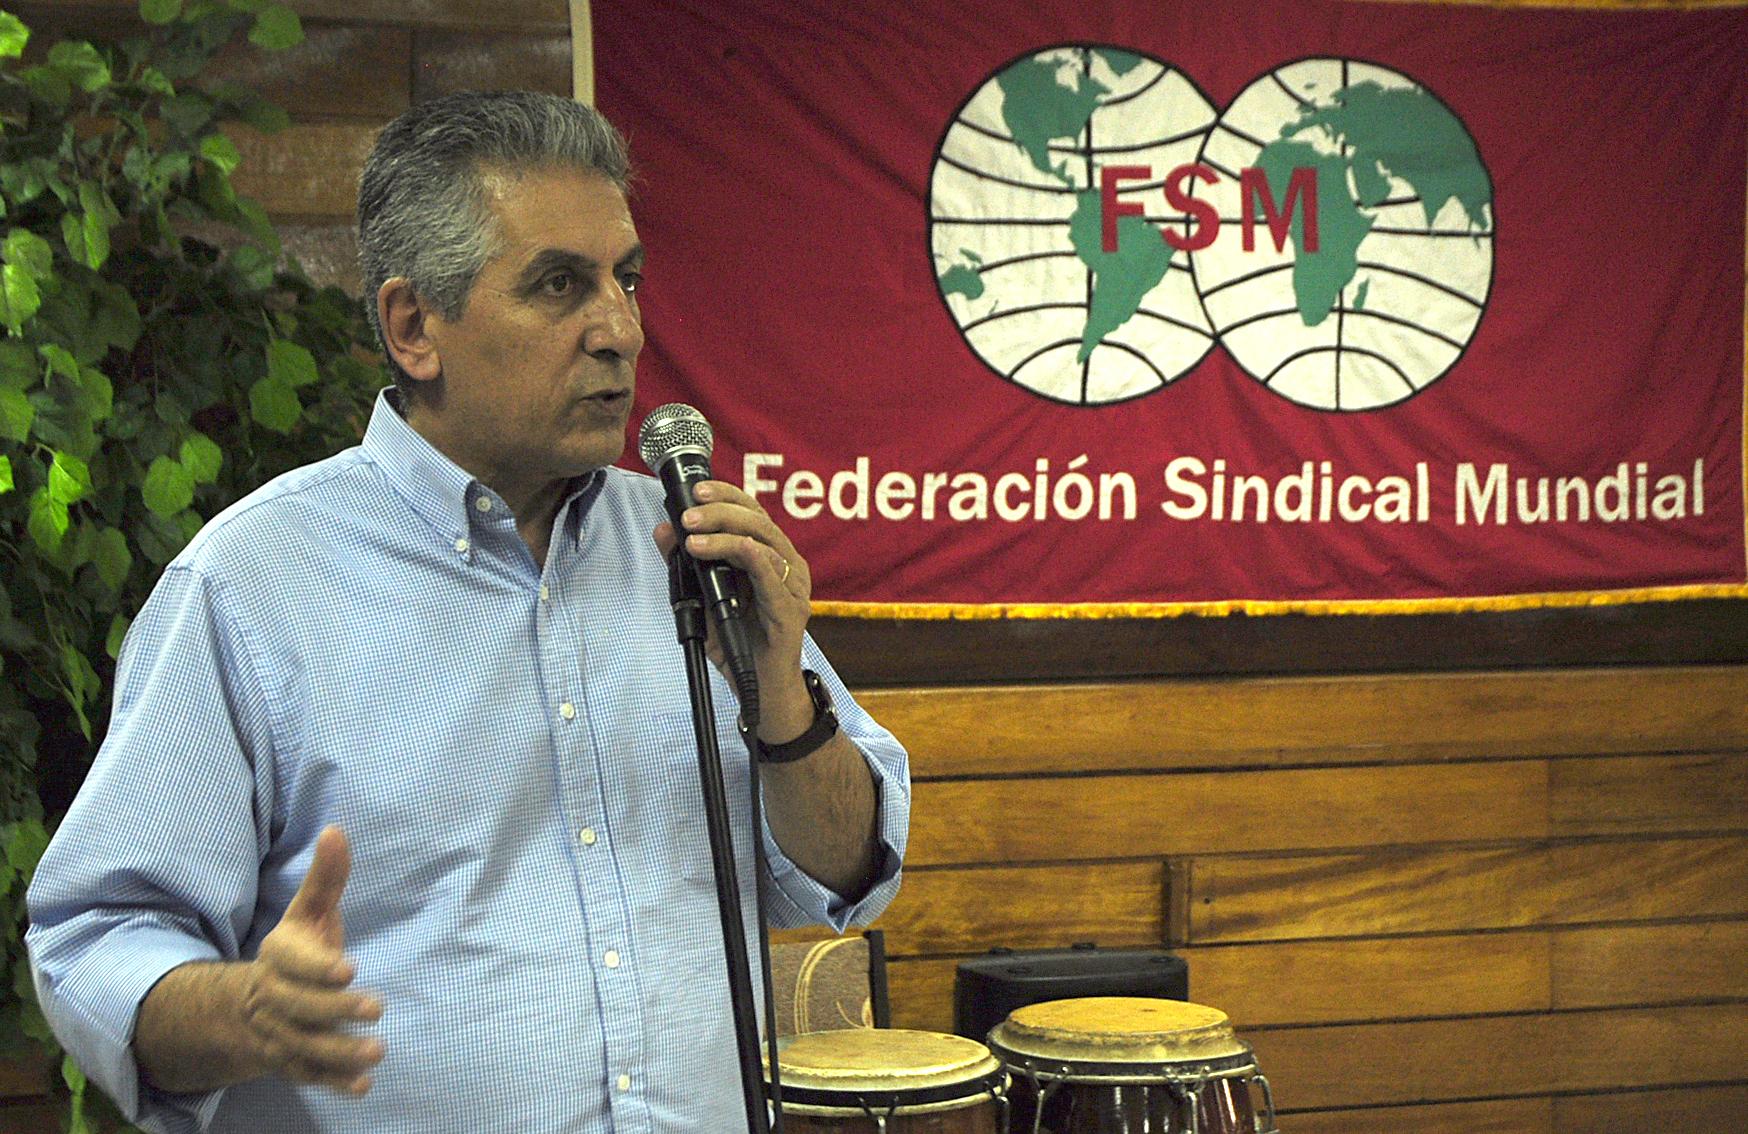 George Mavrikos, Secrétaire Général de la Fédération Syndicale Mondiale